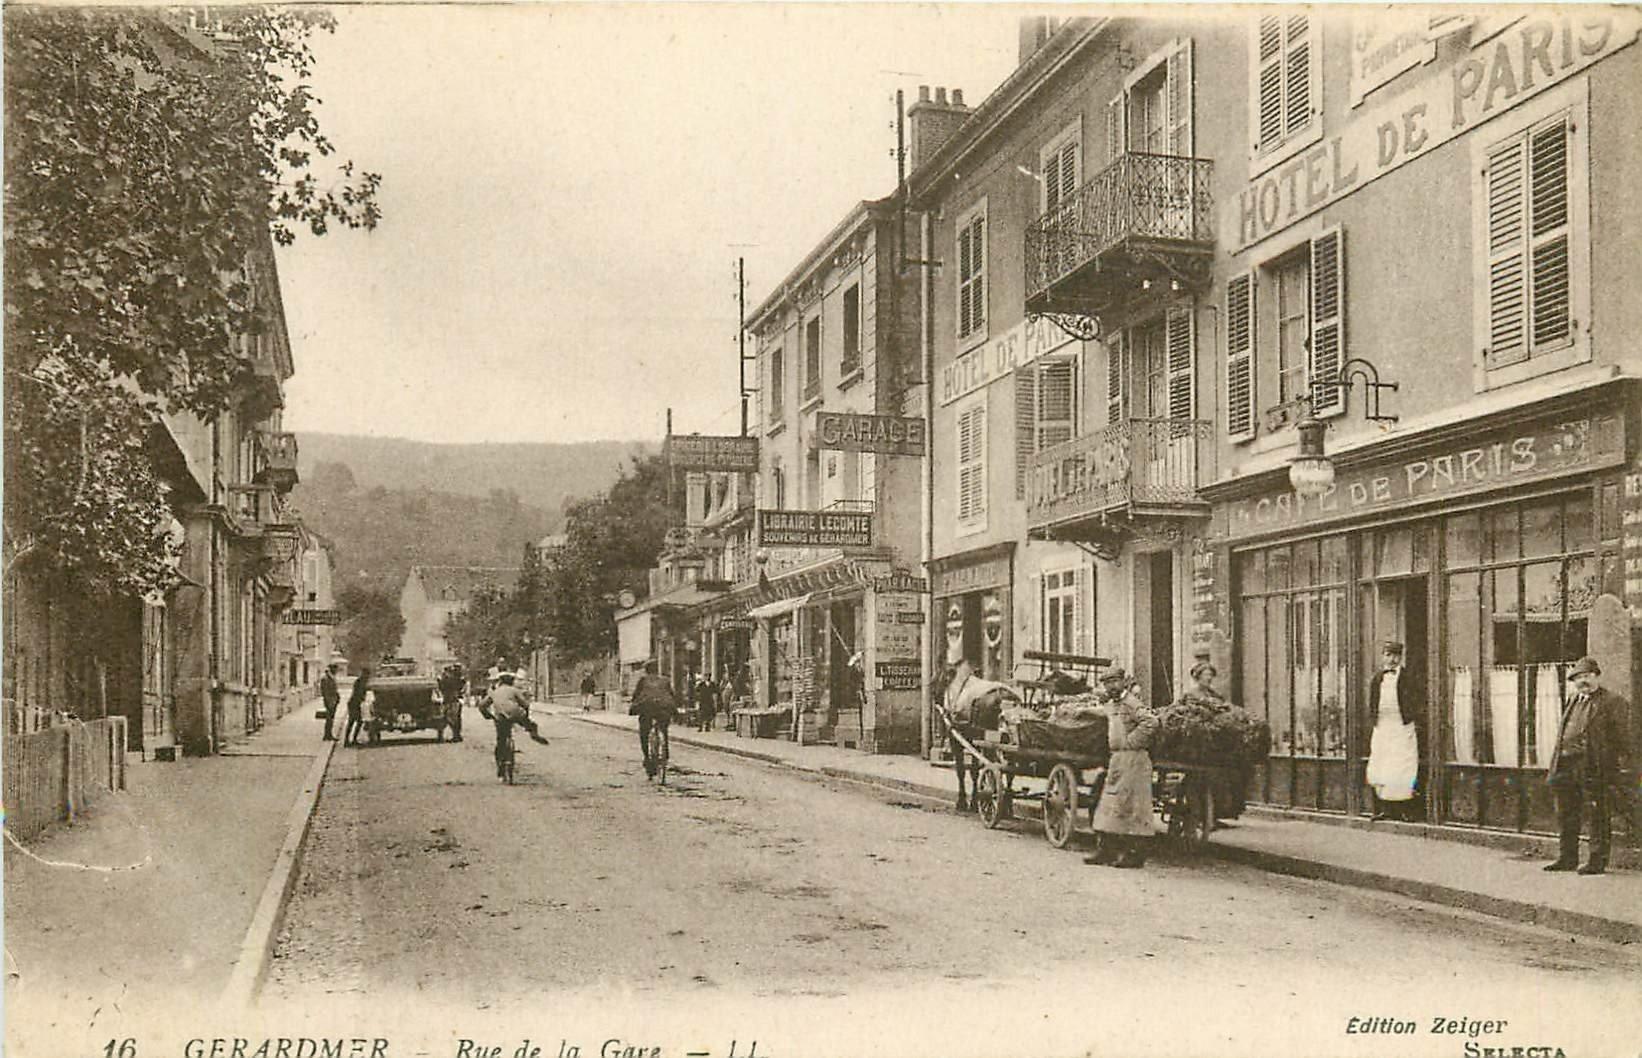 WW 88 GERARDMER. Magasin de cartes postales et Café Hôtel de Paris